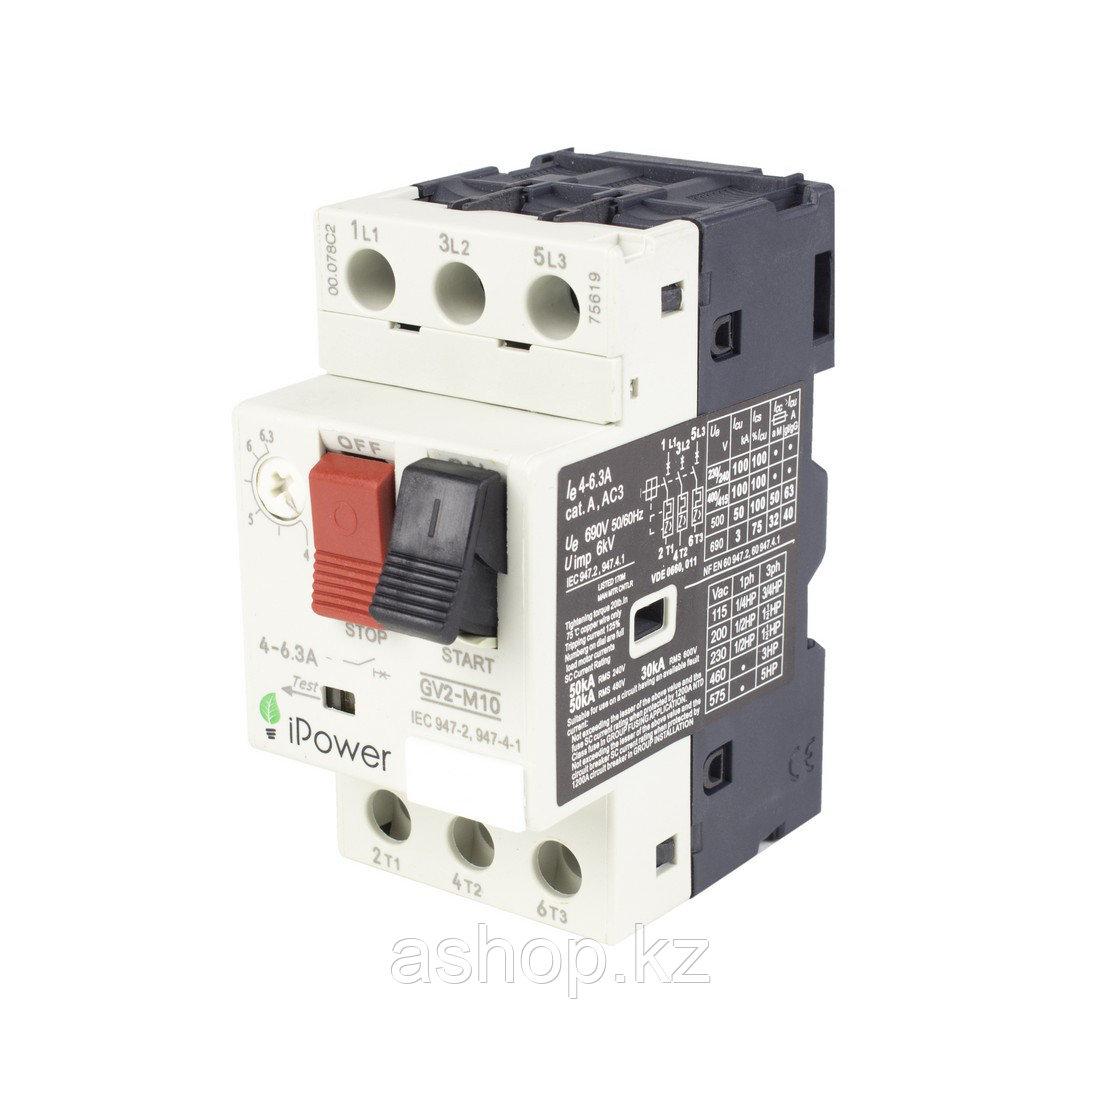 Автомат защиты двигателя реечный iPower GV2-M07 3P 2,5А, 380 В, Кол-во полюсов: 3, Защита: От перегрузок, коро